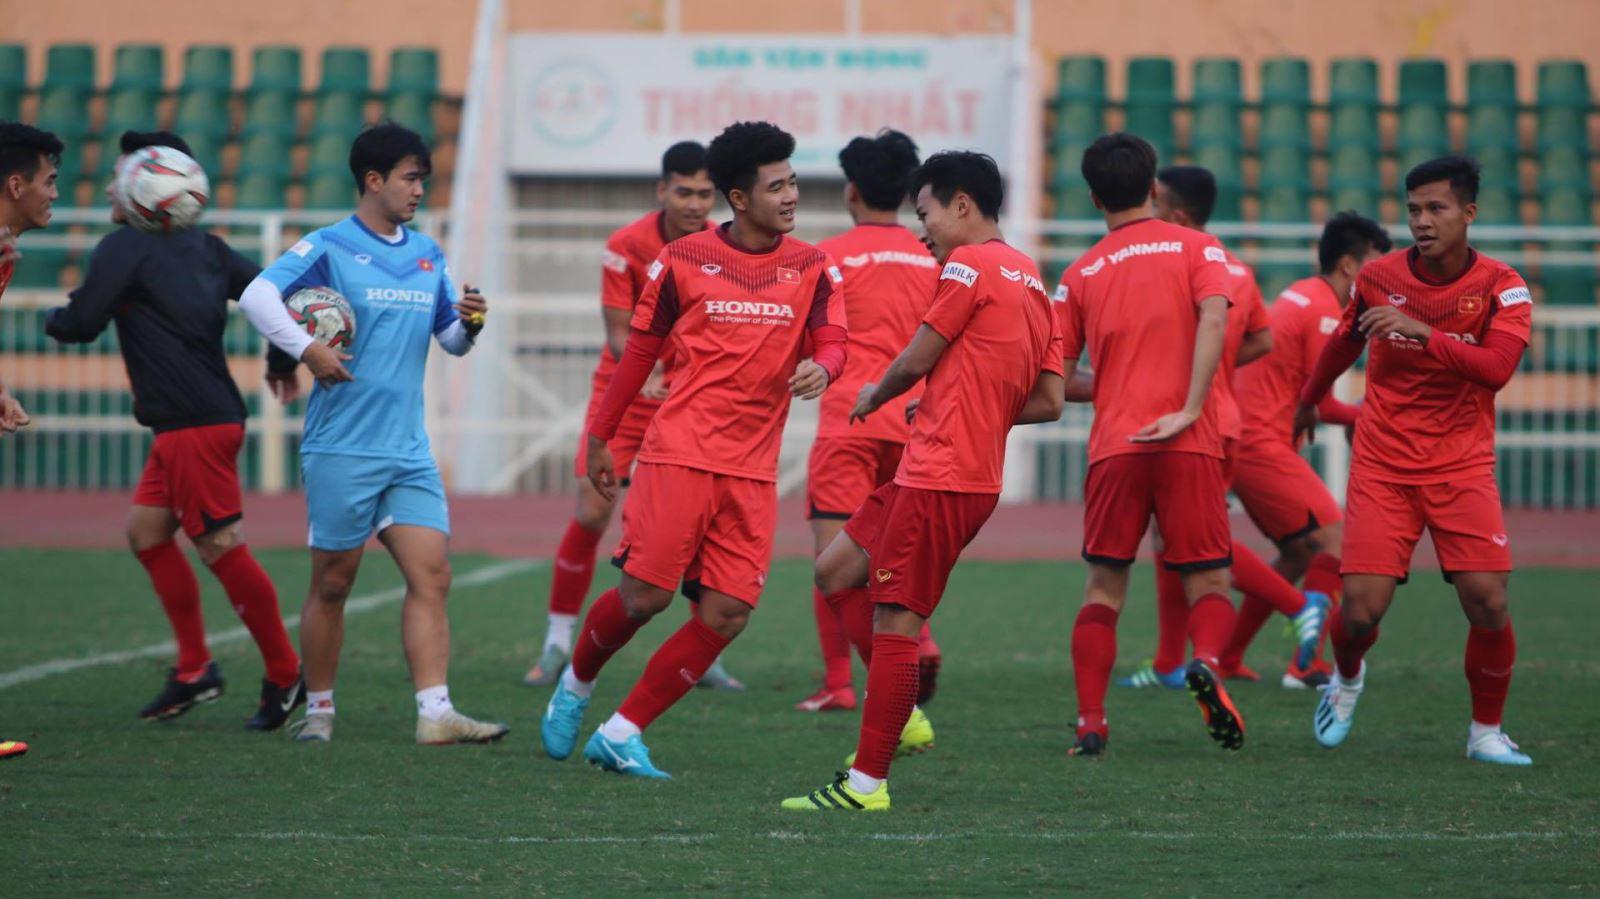 U23 Việt Nam vs B.Bình Dương - Bóng Đá